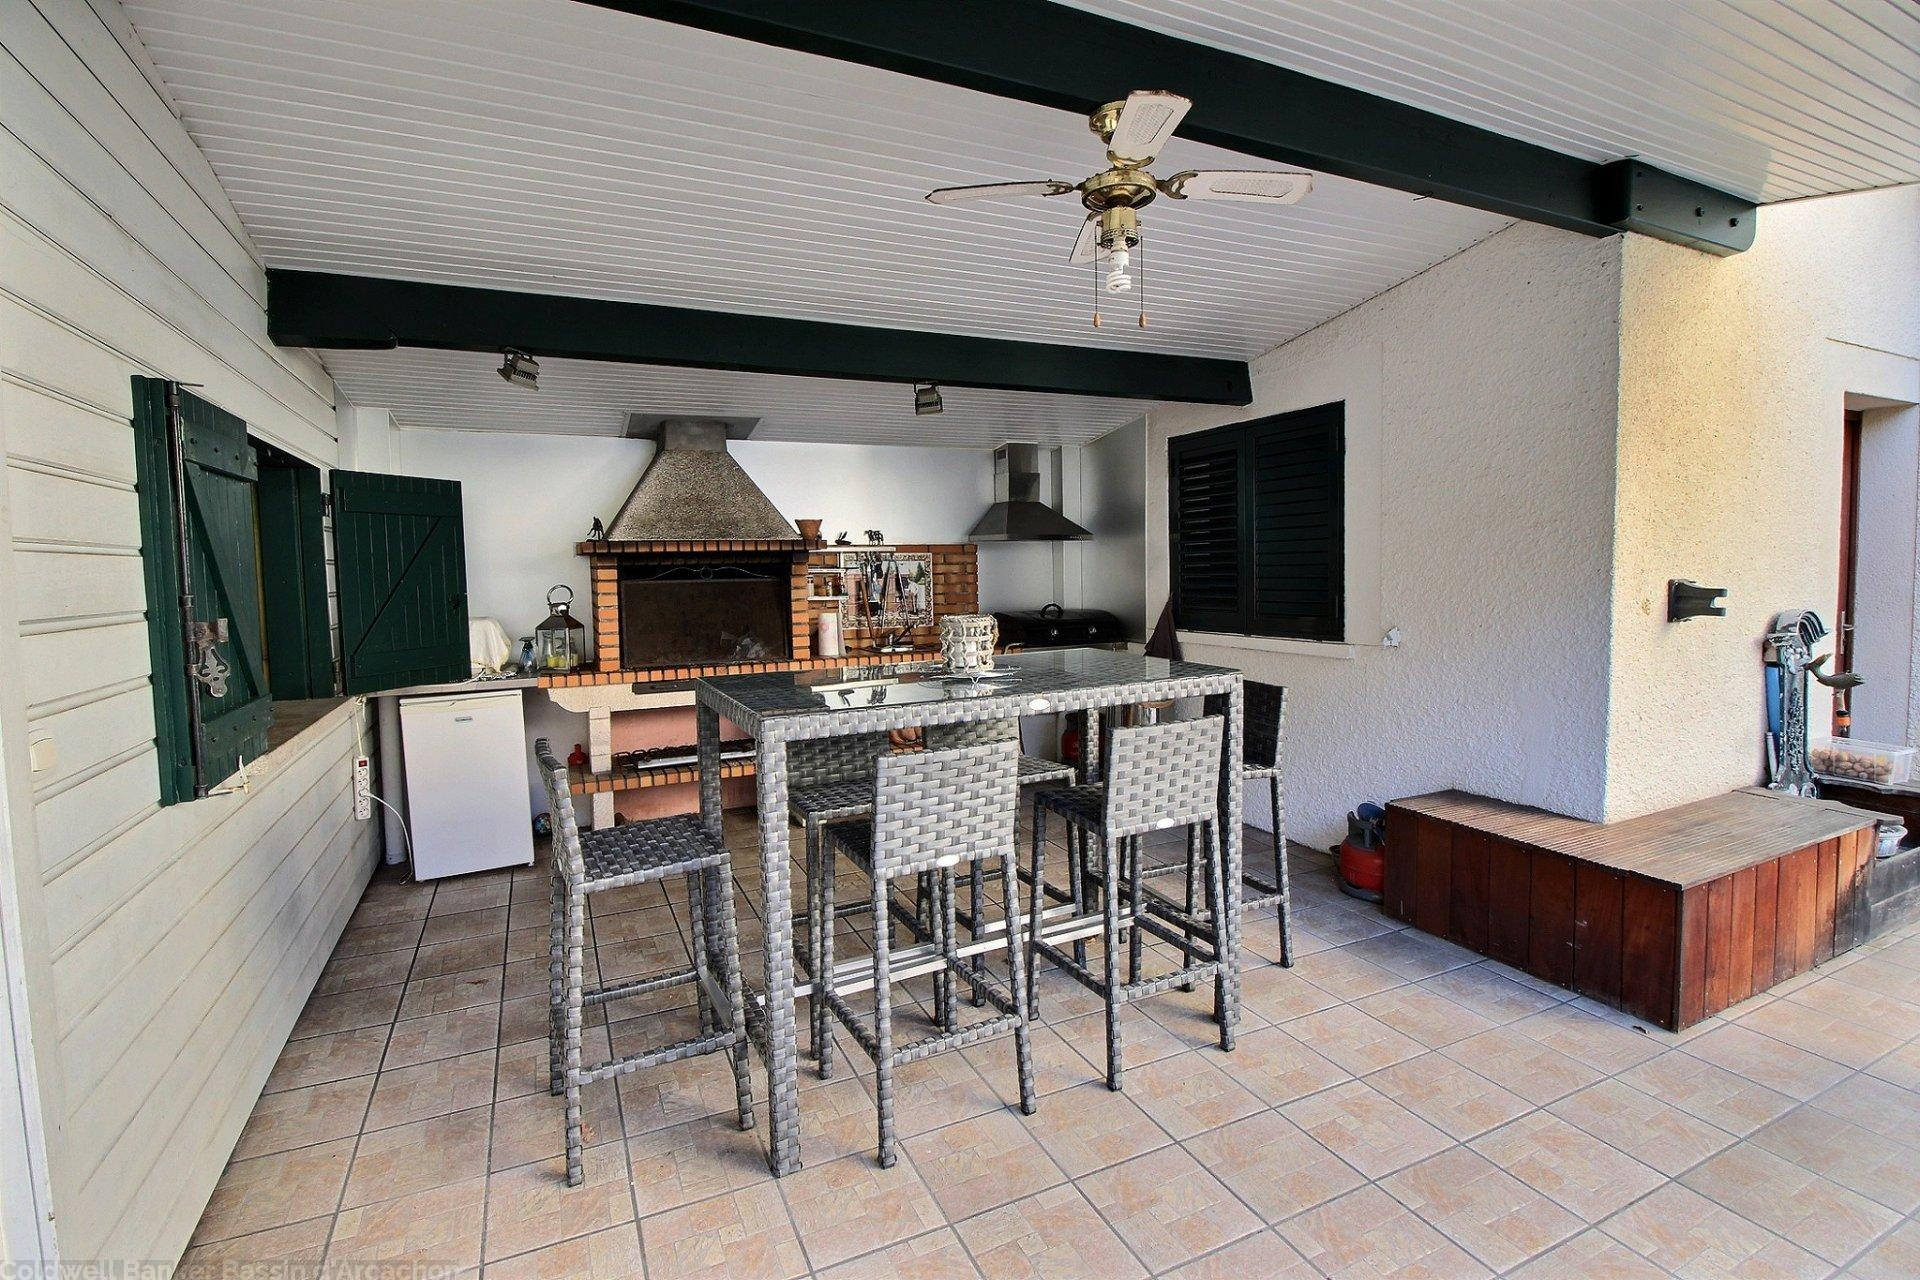 Achat maison familiale 5 chambres avec terrain et piscine basisn d arcachon